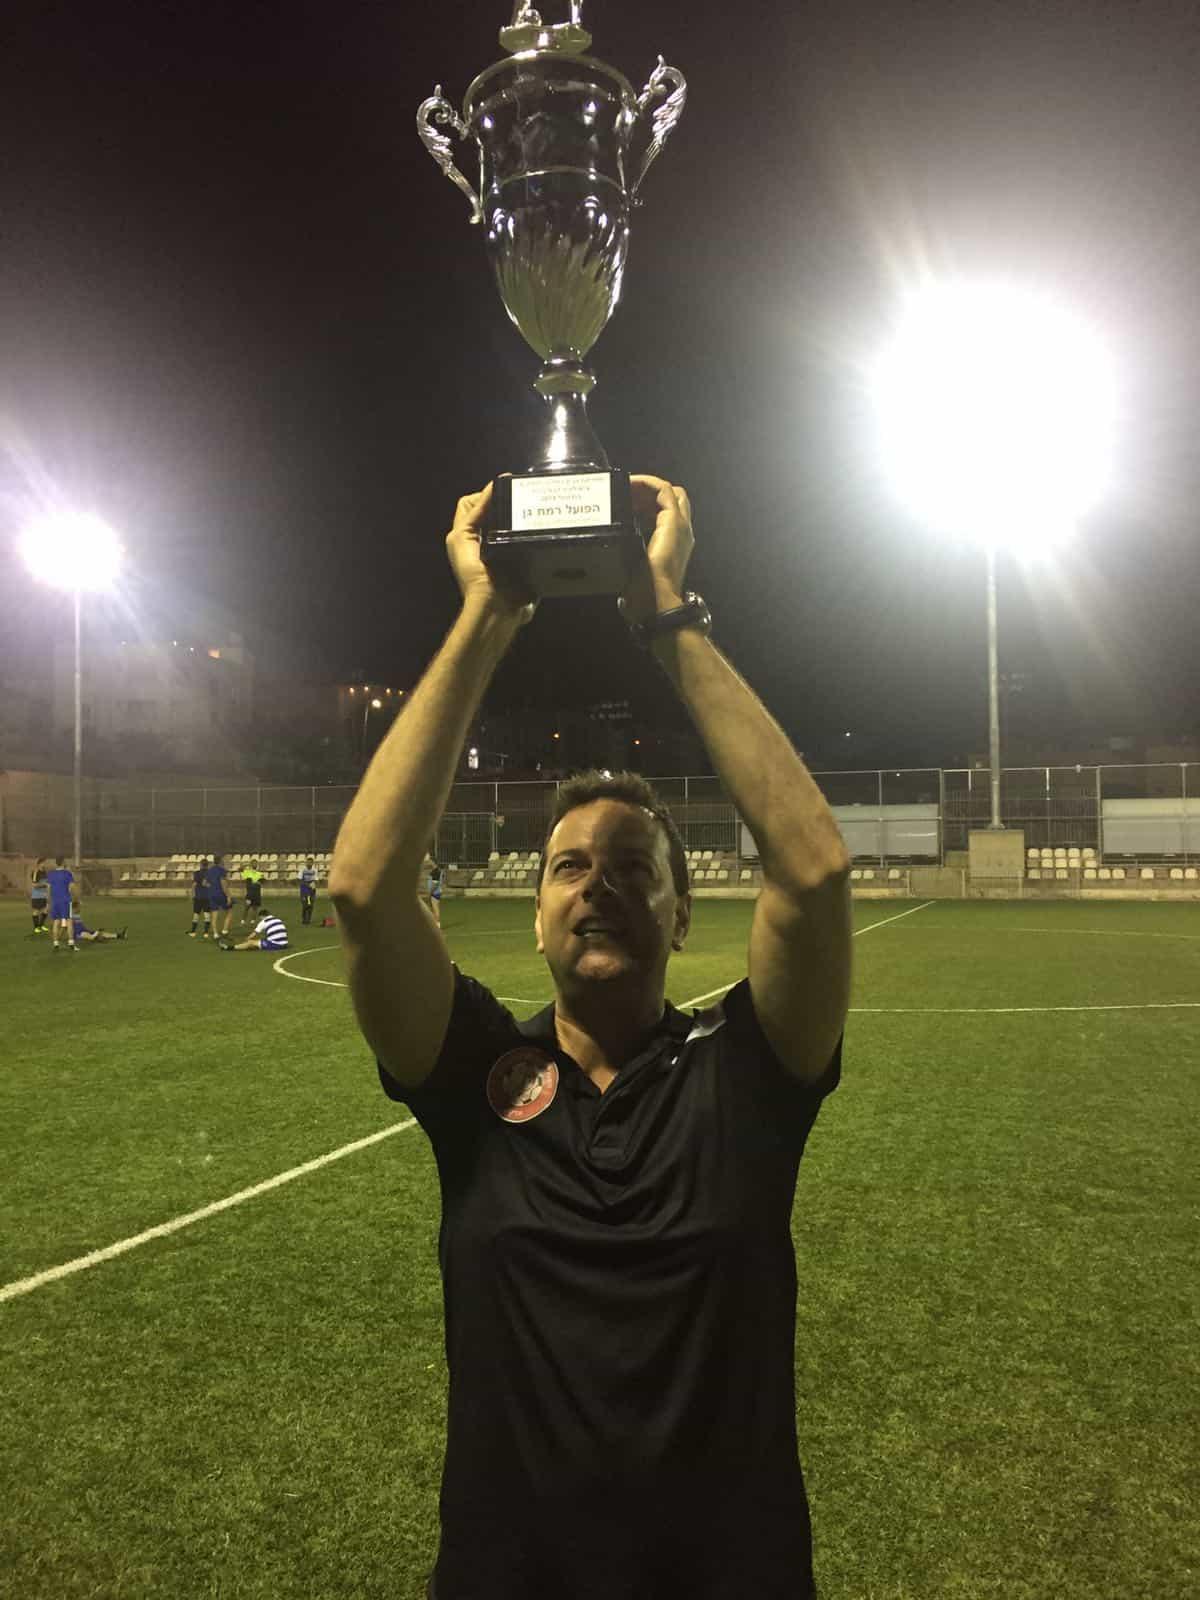 מאמן הקבוצה מניף גביע, צילום: ראובן שוורץ